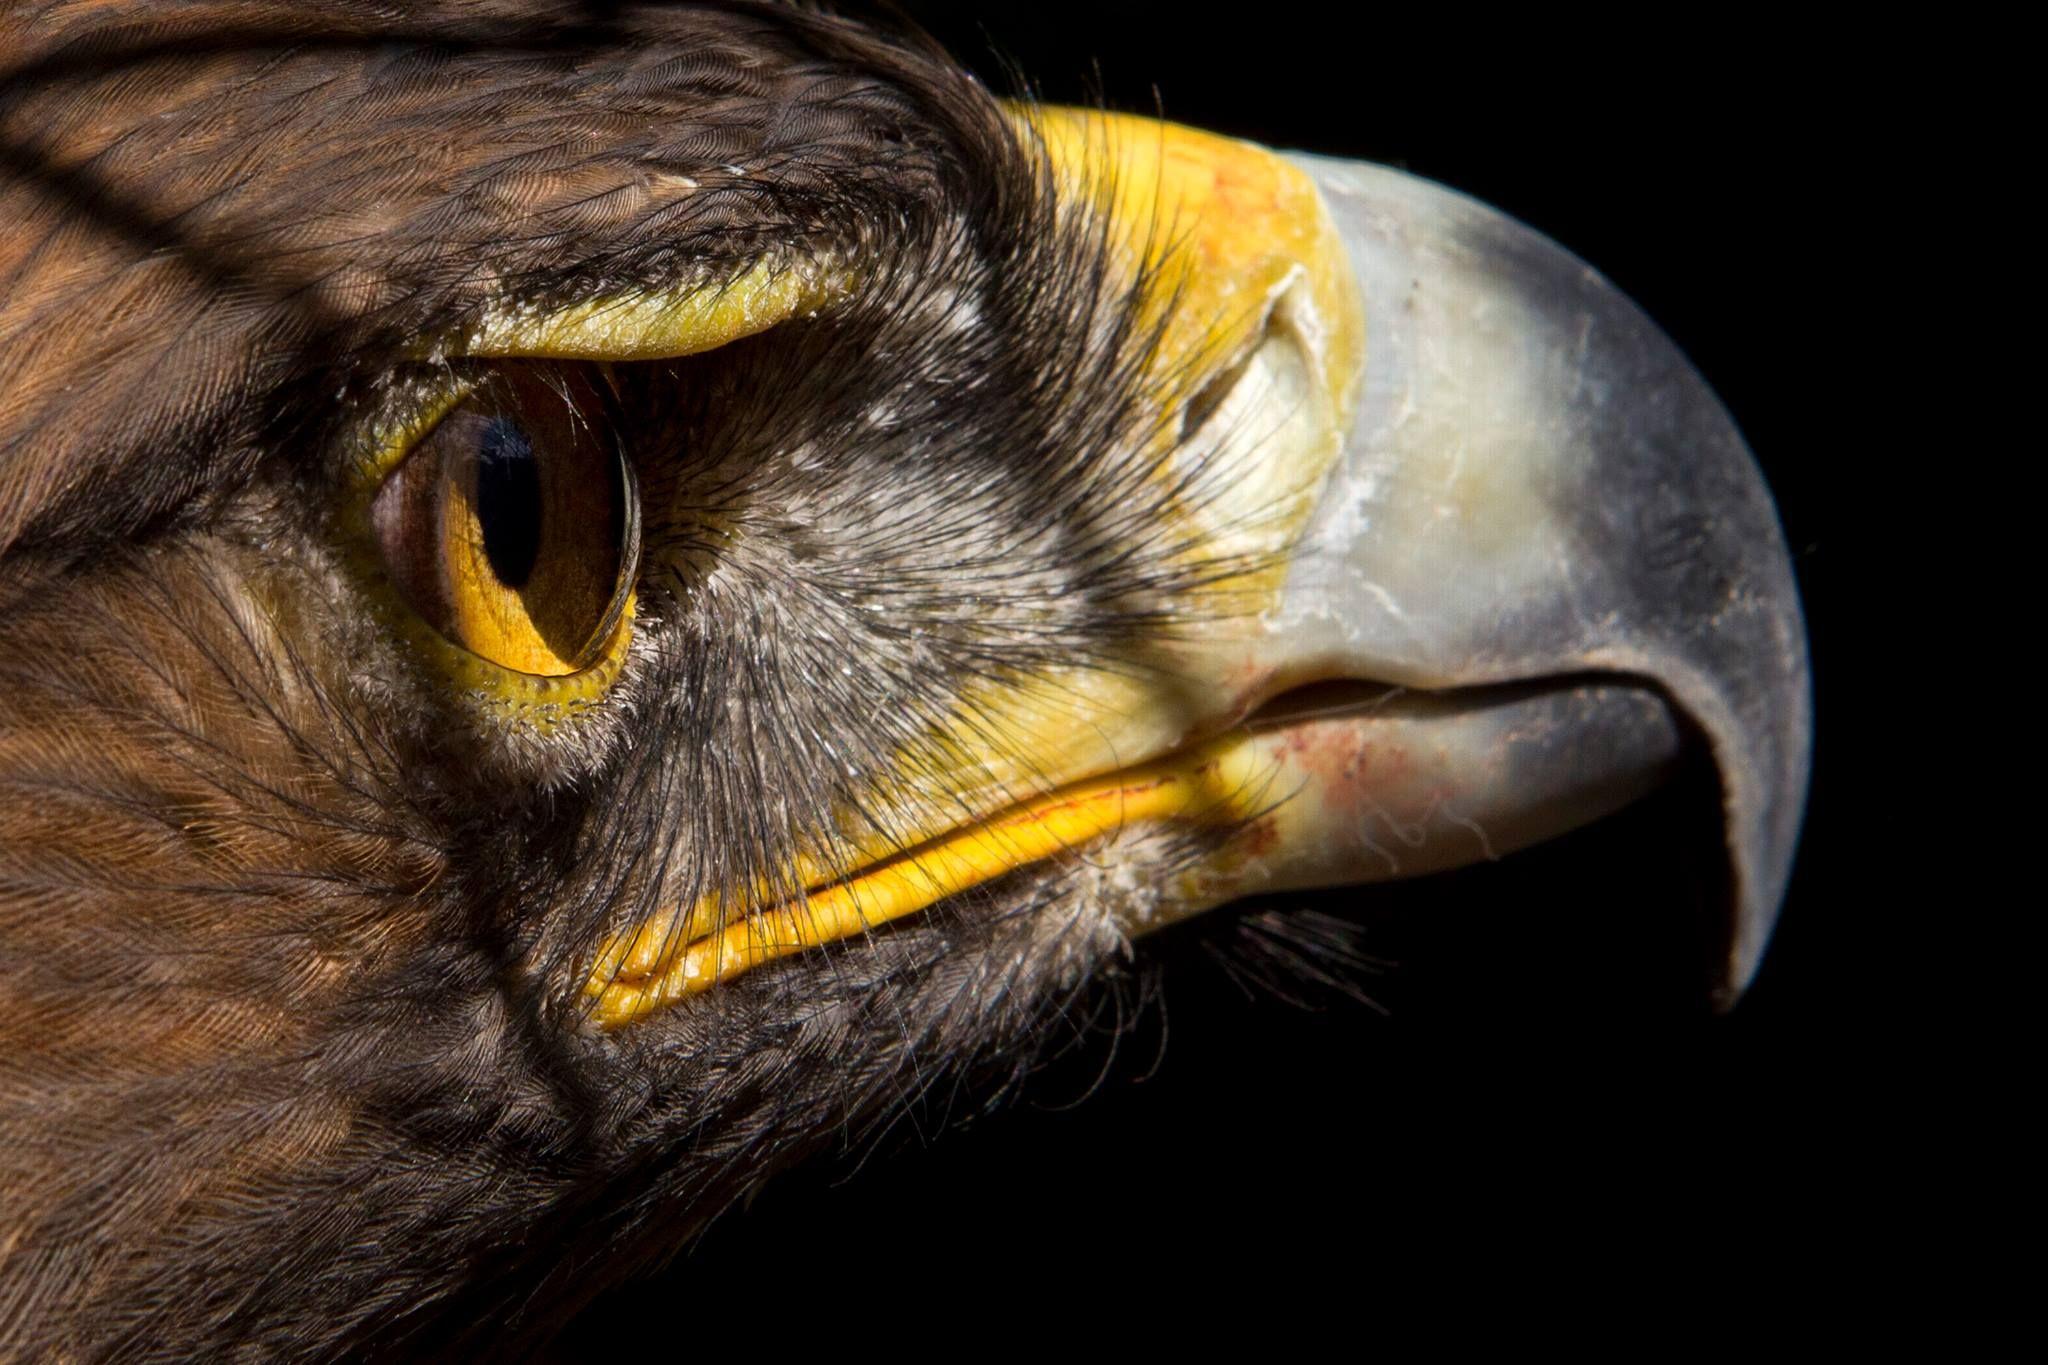 Minería, parques eólicos e infraestructura eléctrica amenazan al águila real: Conanp http://lajor.mx/11vqJ90  Tan sólo hay 145 nidos confirmados y 81 parejas detectadas.  Foto archivo: José Carlo González / La Jornada